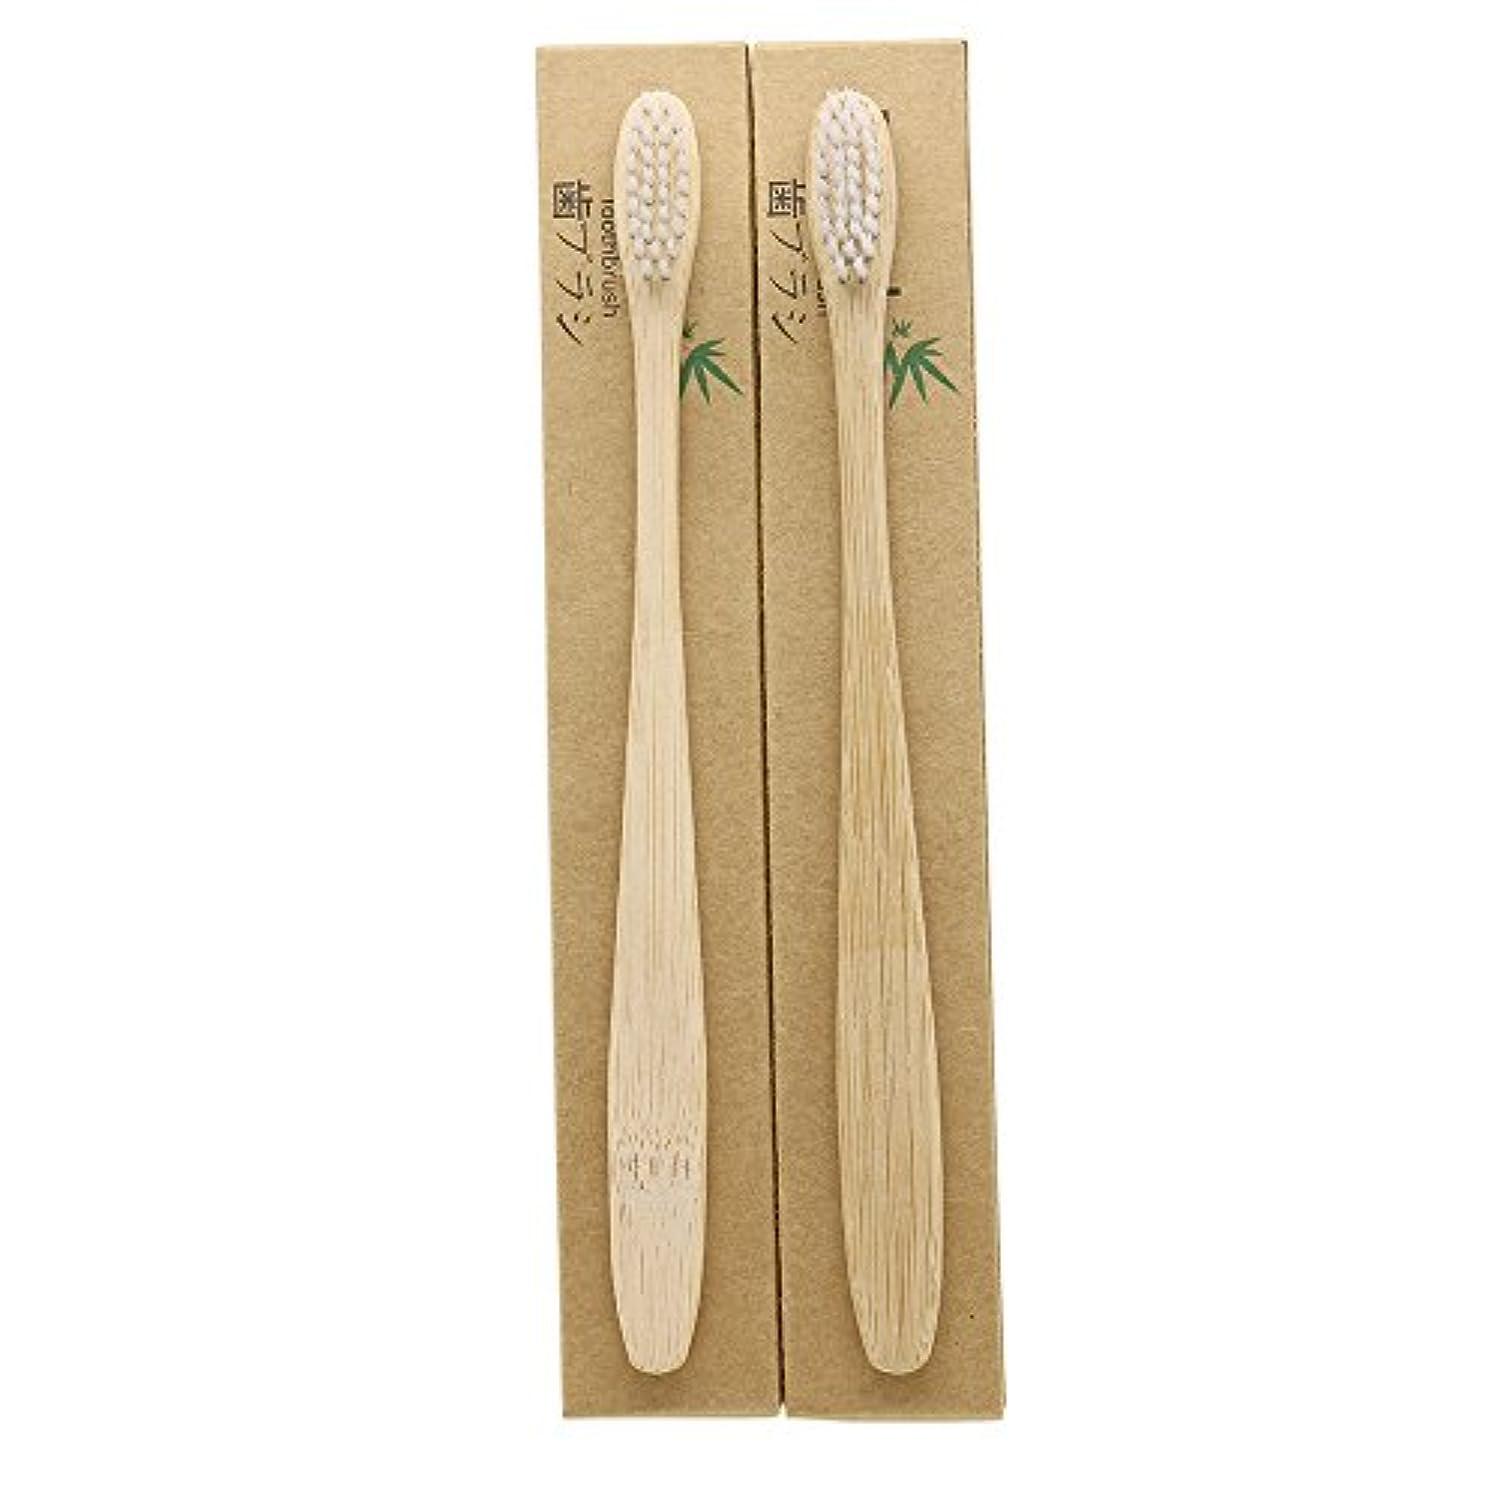 鼓舞するご予約現れるN-amboo 竹製耐久度高い 歯ブラシ 2本入り セット エコ ヘッド小さい 白い